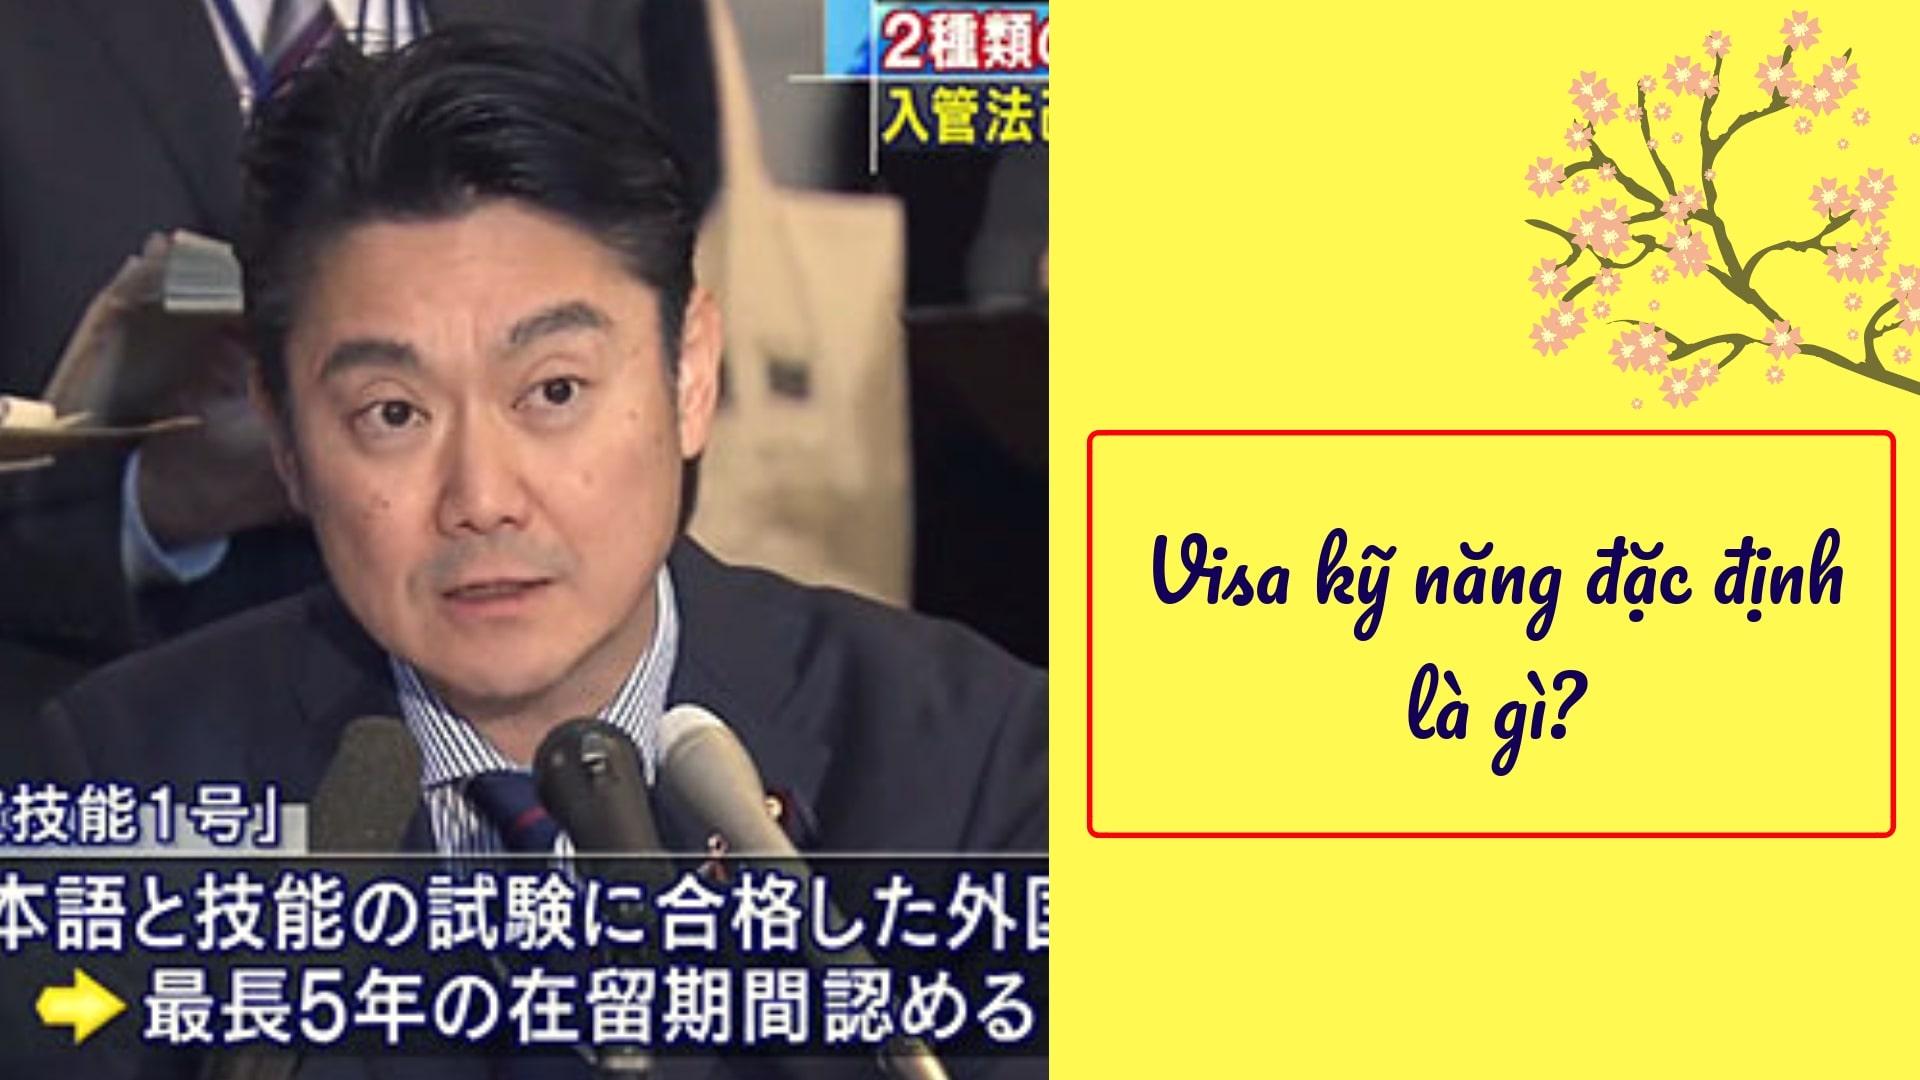 Đang là TTS năm 2 ở Nhật thì có thể CHUYỂN SANG visa kỹ năng đặc định không?